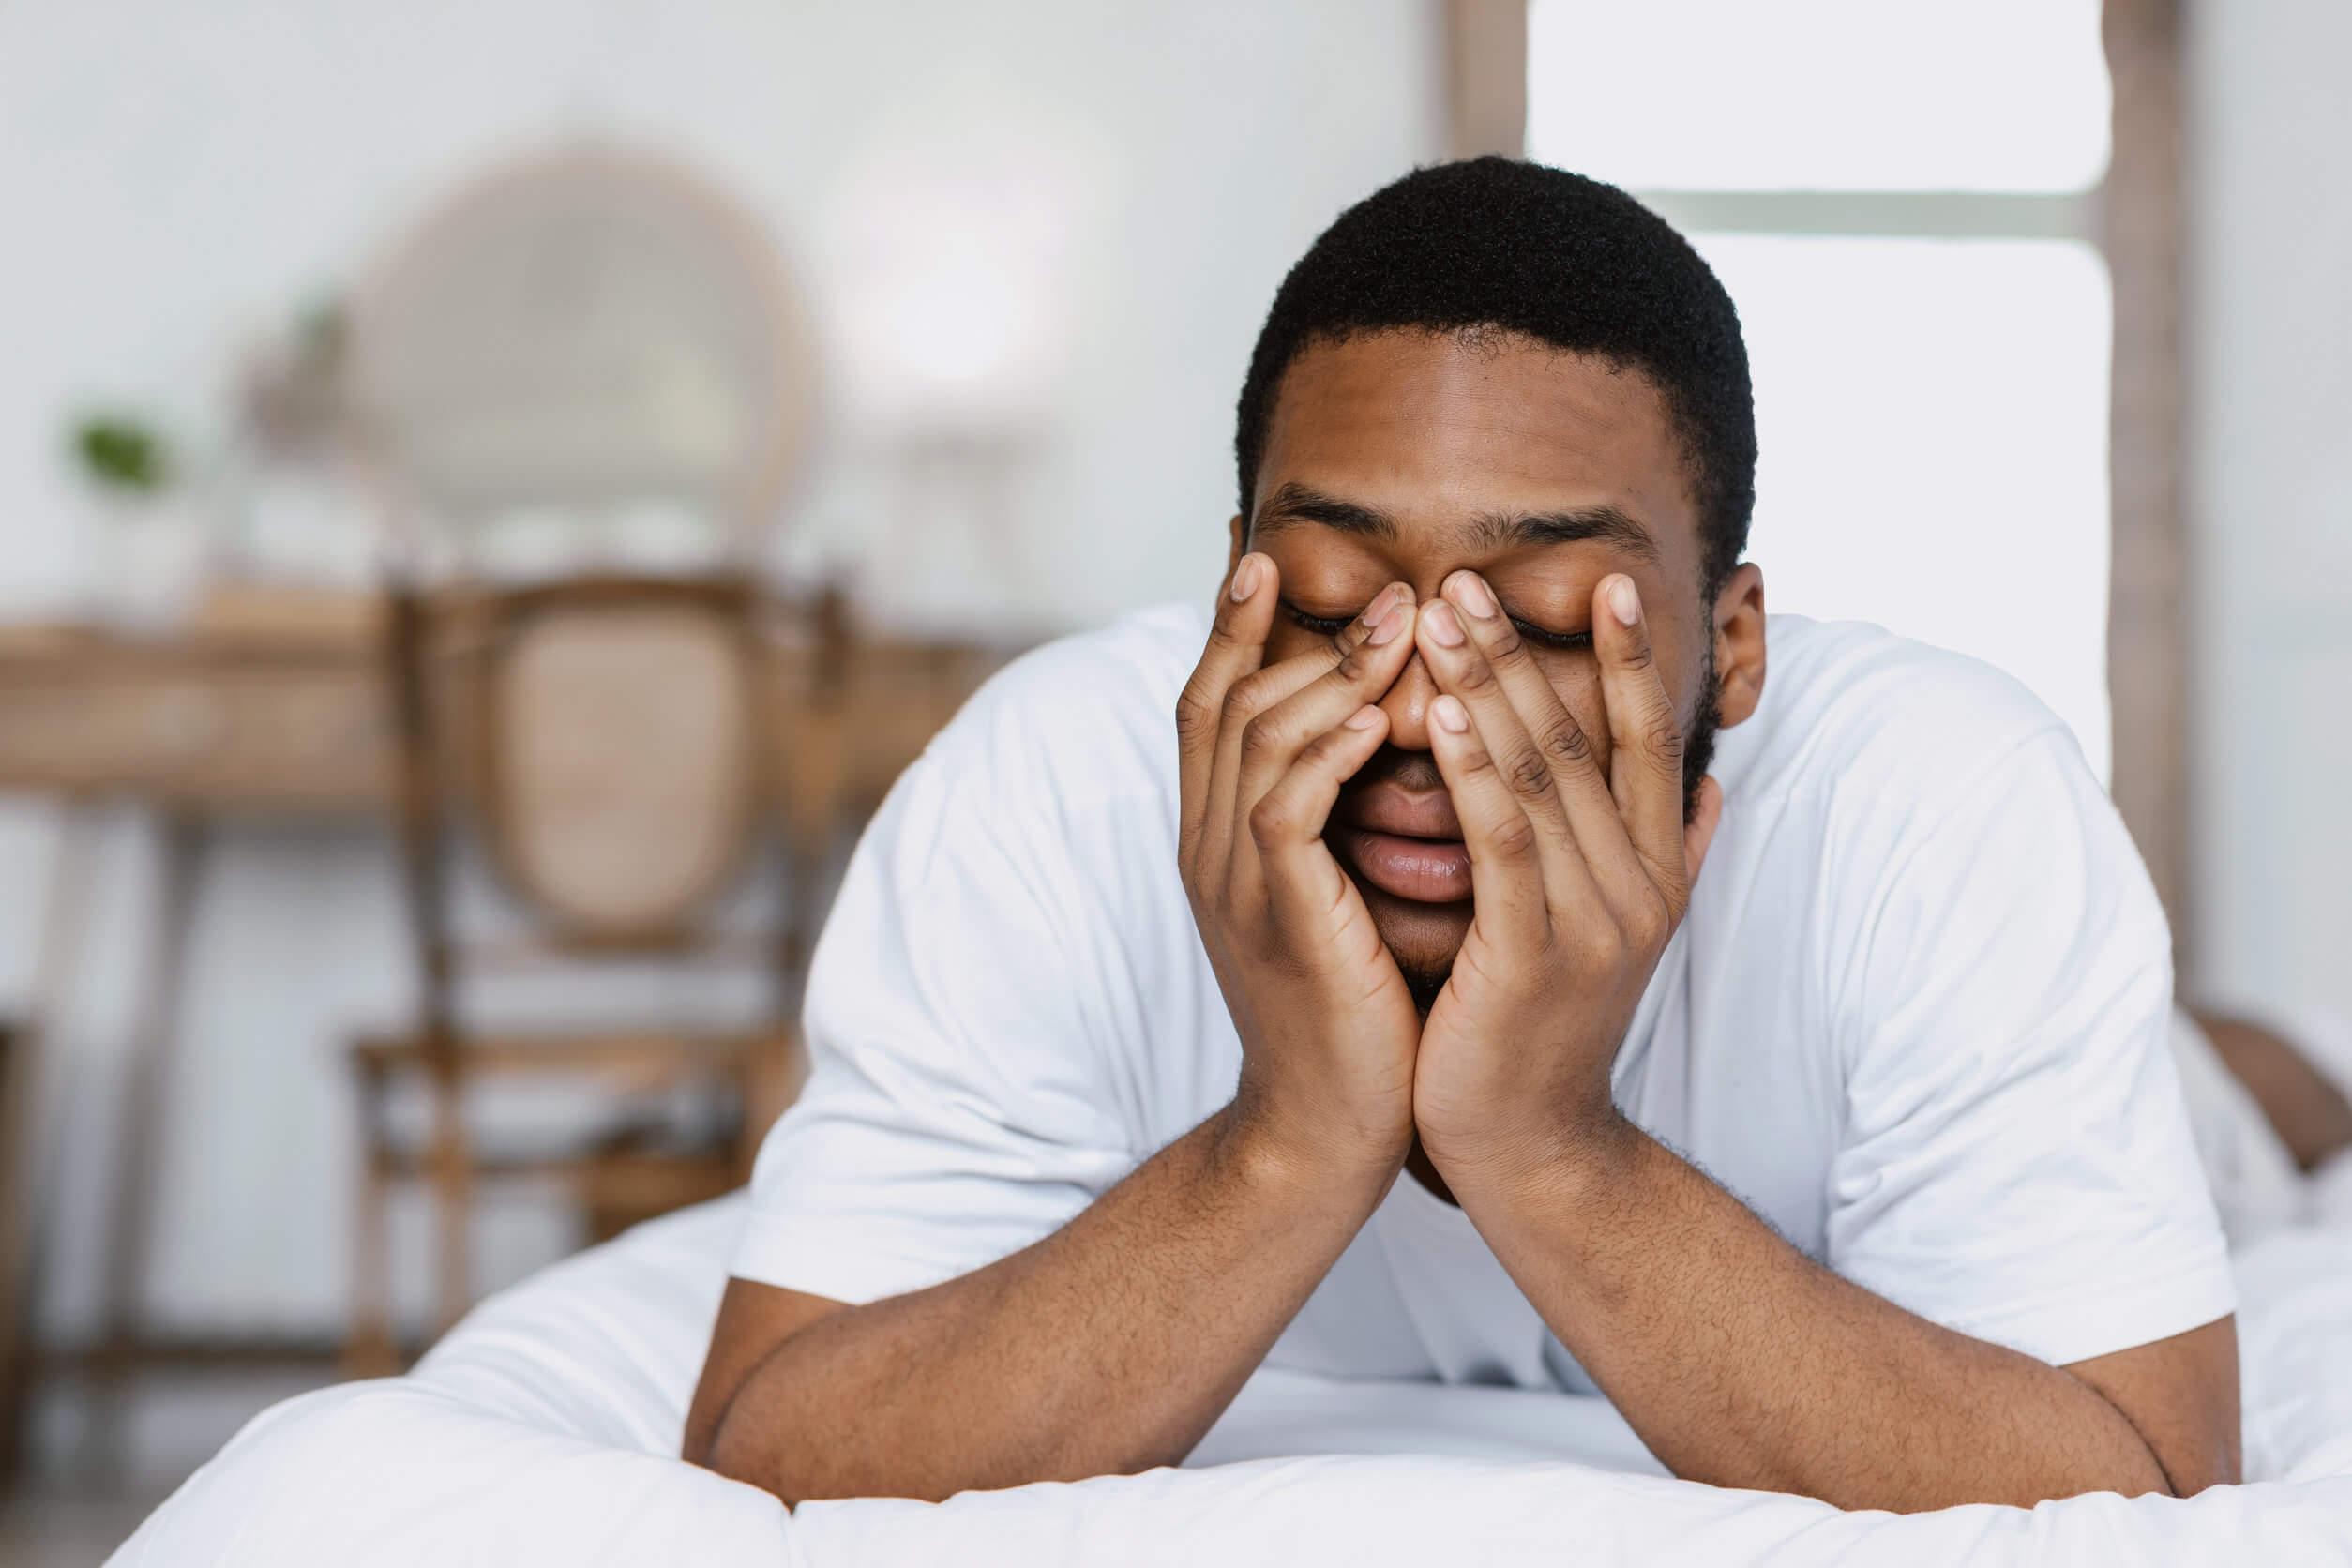 Insomnio y emociones, ¿cuál es su relación?